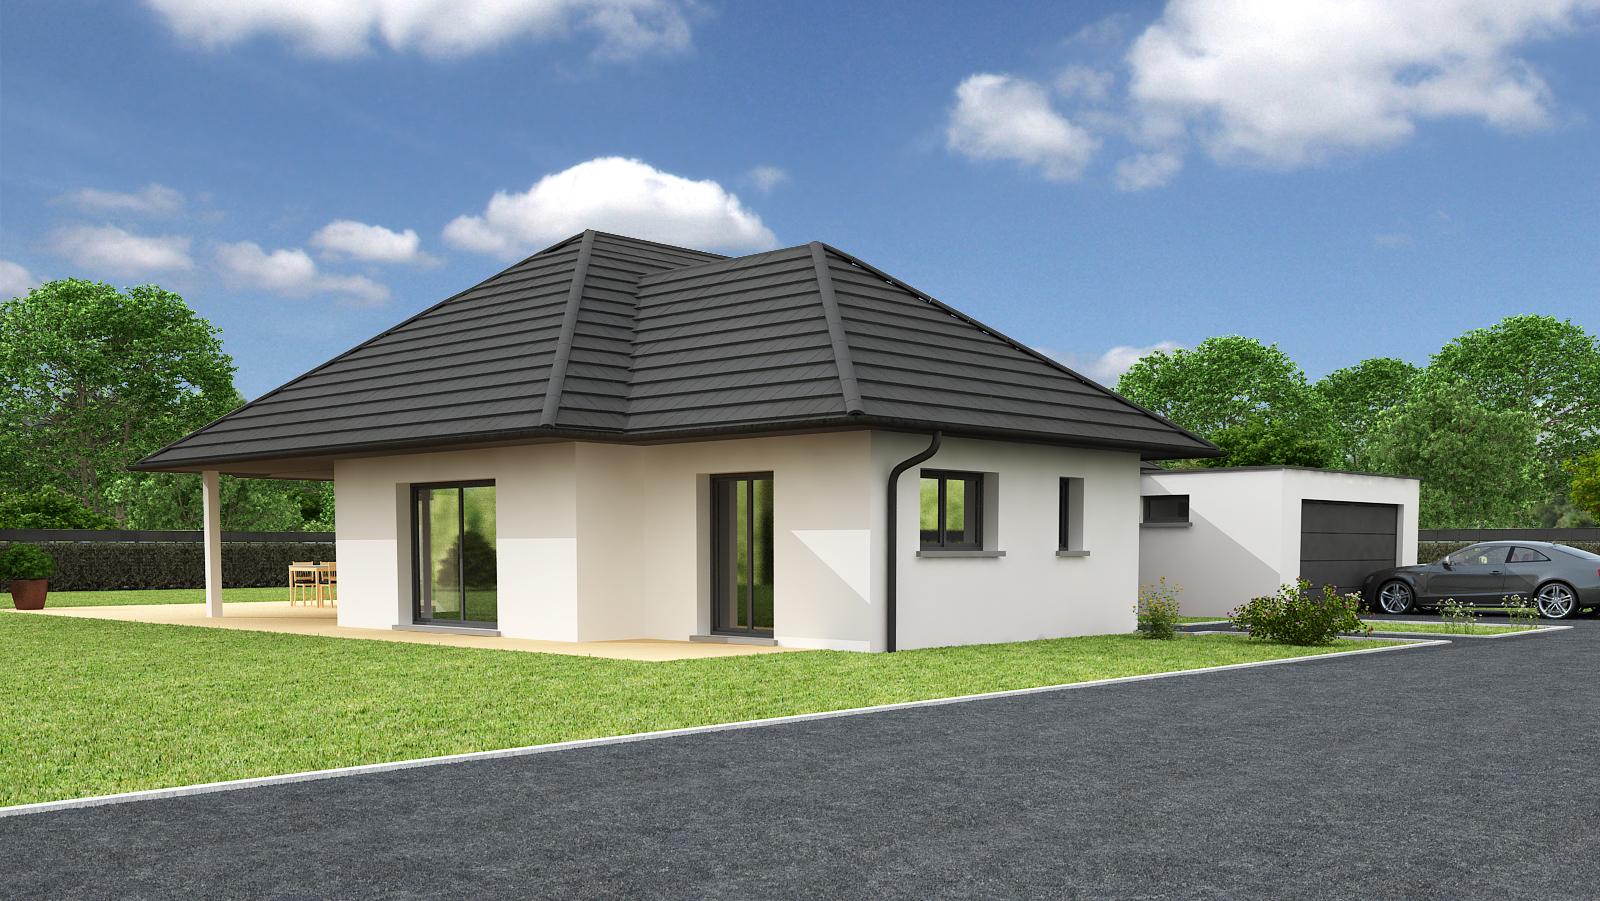 Terrains du constructeur CREAGES • 618 m² • HAGENTHAL LE HAUT